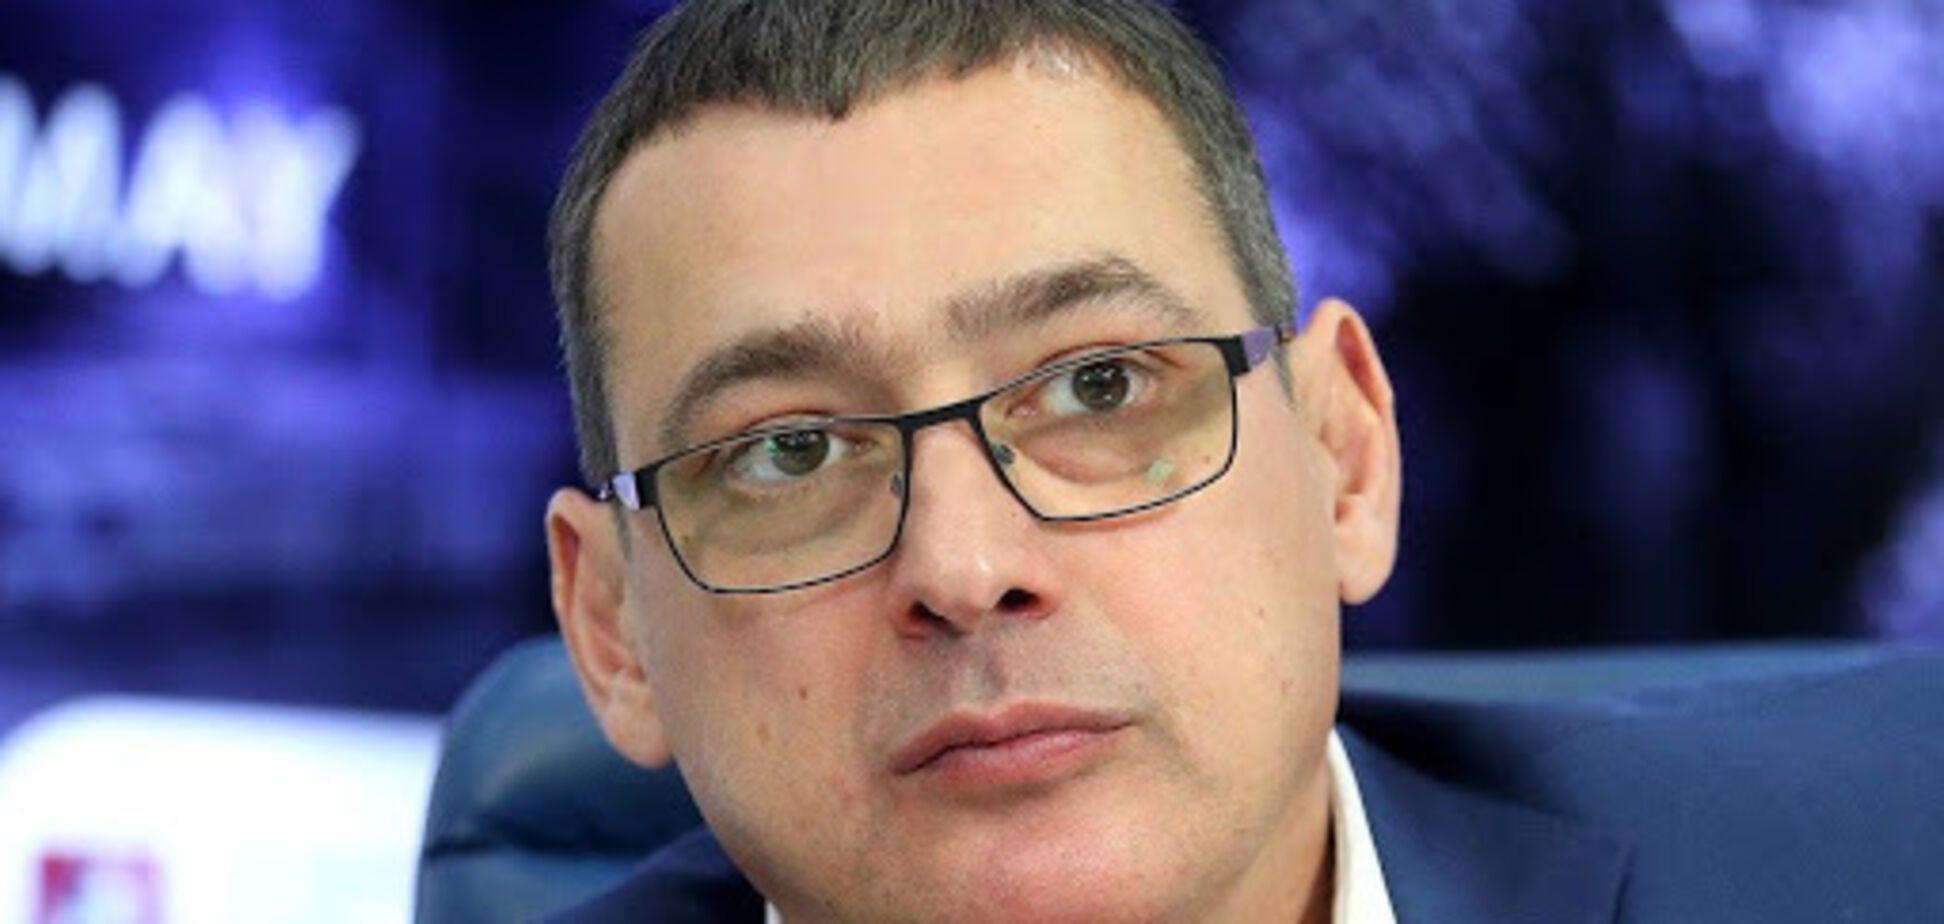 'Настоящее средневековье': российский тренер жестко раскритиковал условия на Олимпиаде-2020